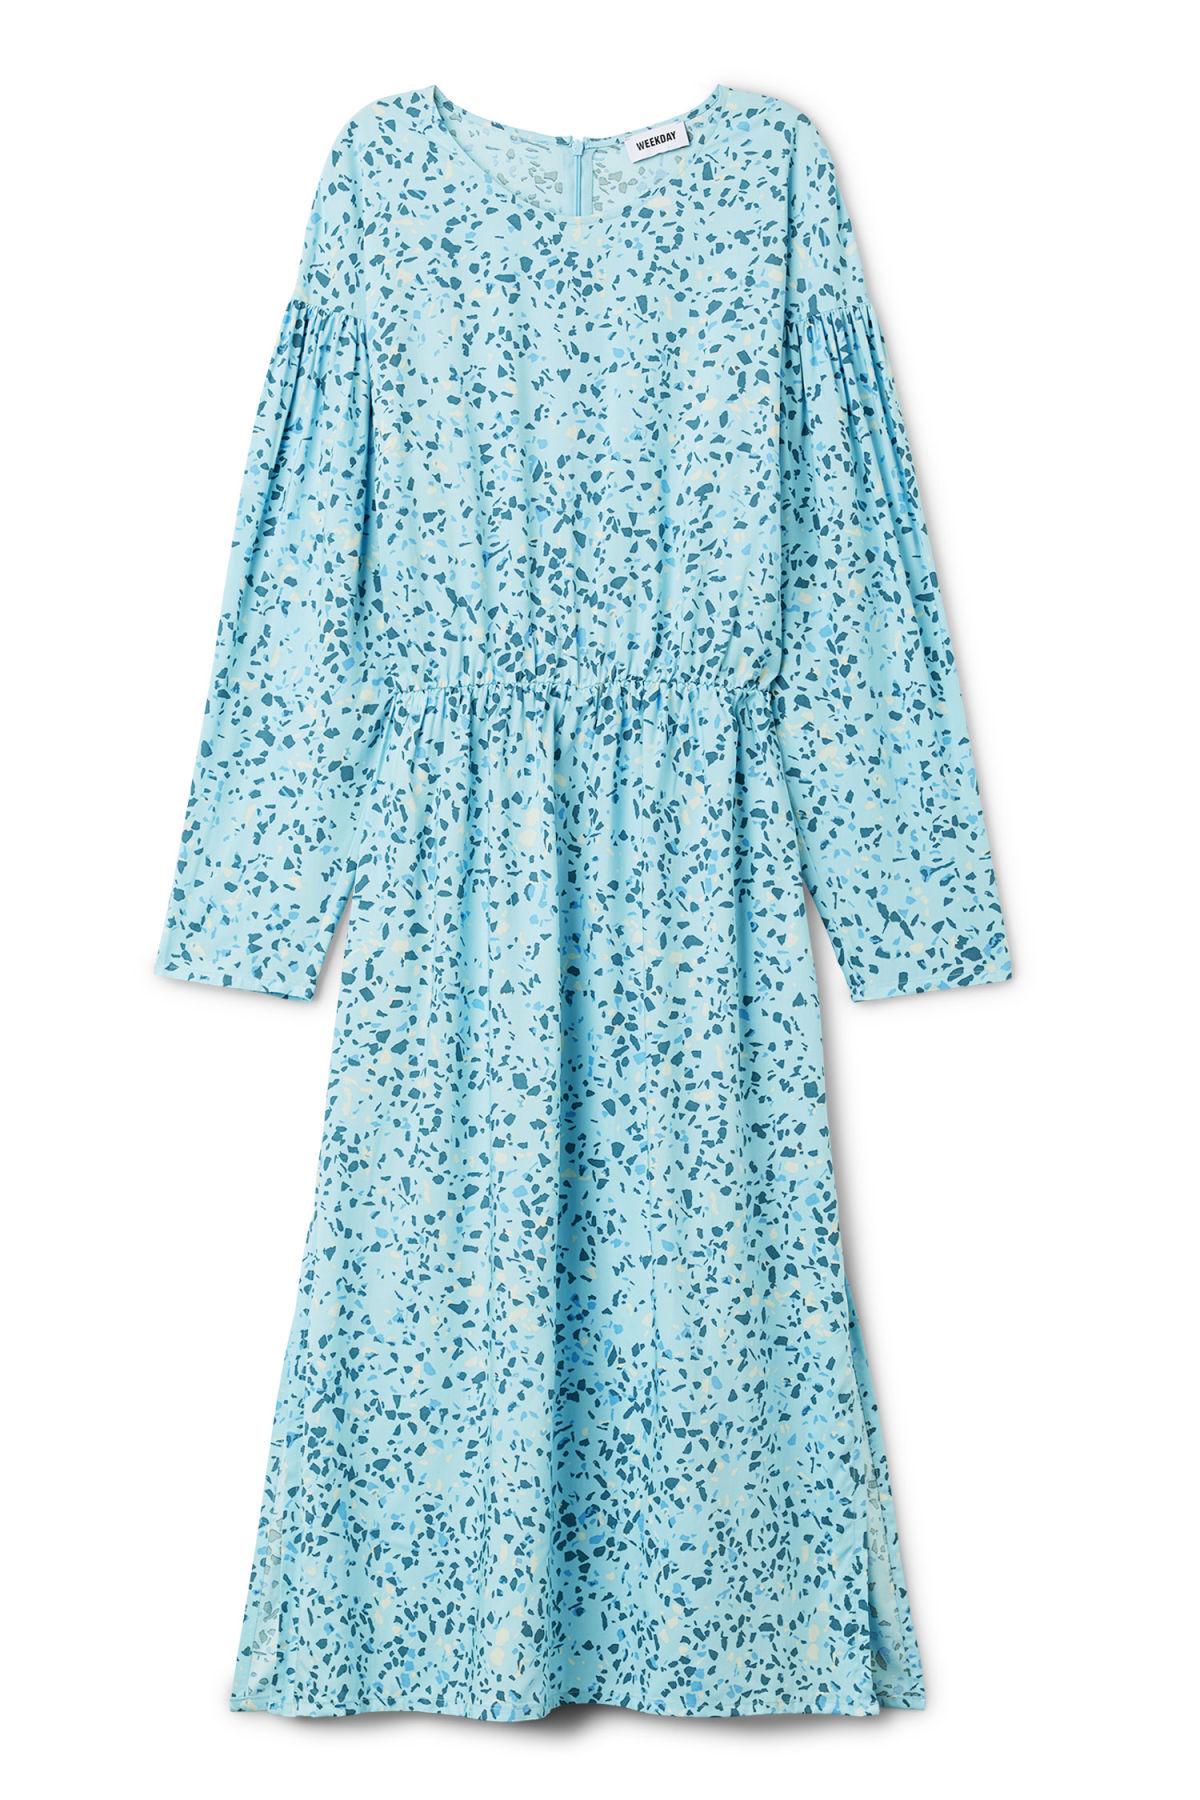 Image of Yancey Dress - Blue-XS